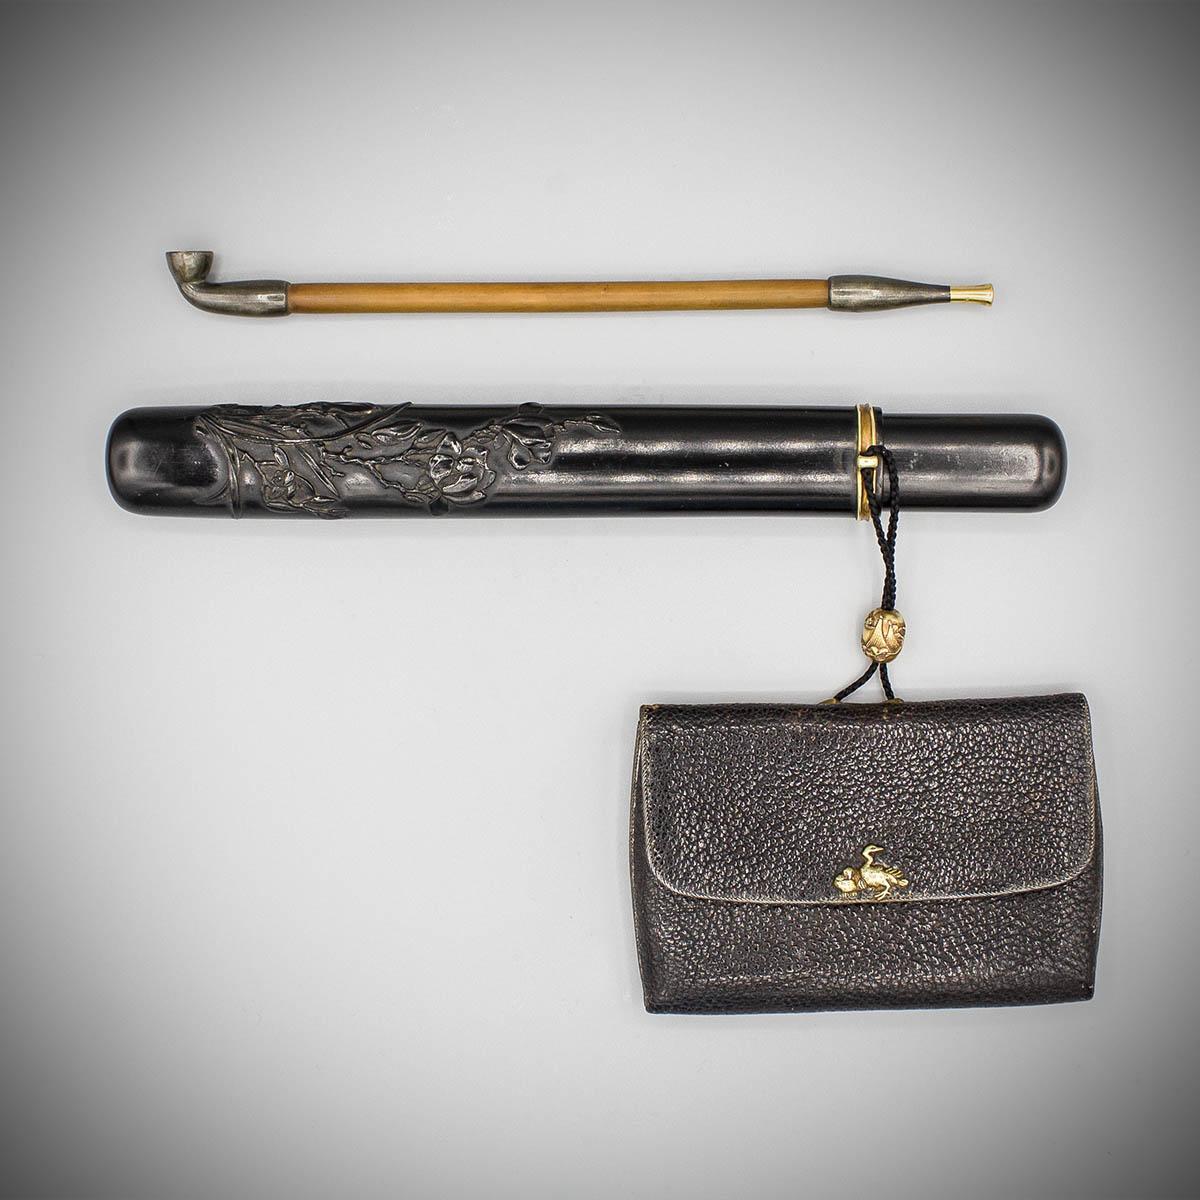 Ein eleganter Pfeifenkoffer aus Ebenholz mit Ledertasche, MR3672_v.1-2